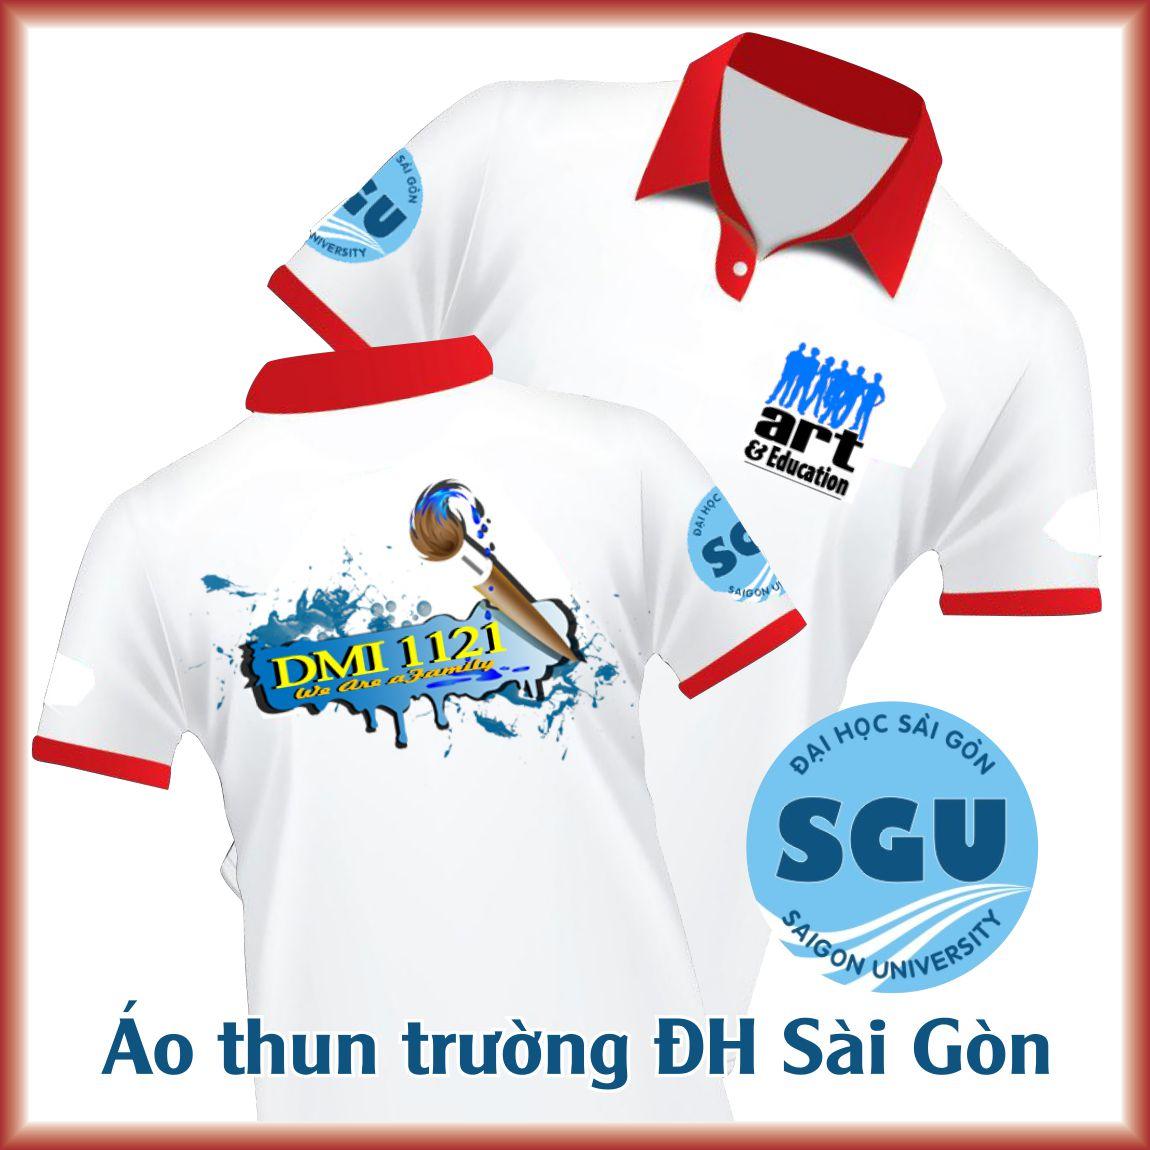 10.ĐH Sai Gon